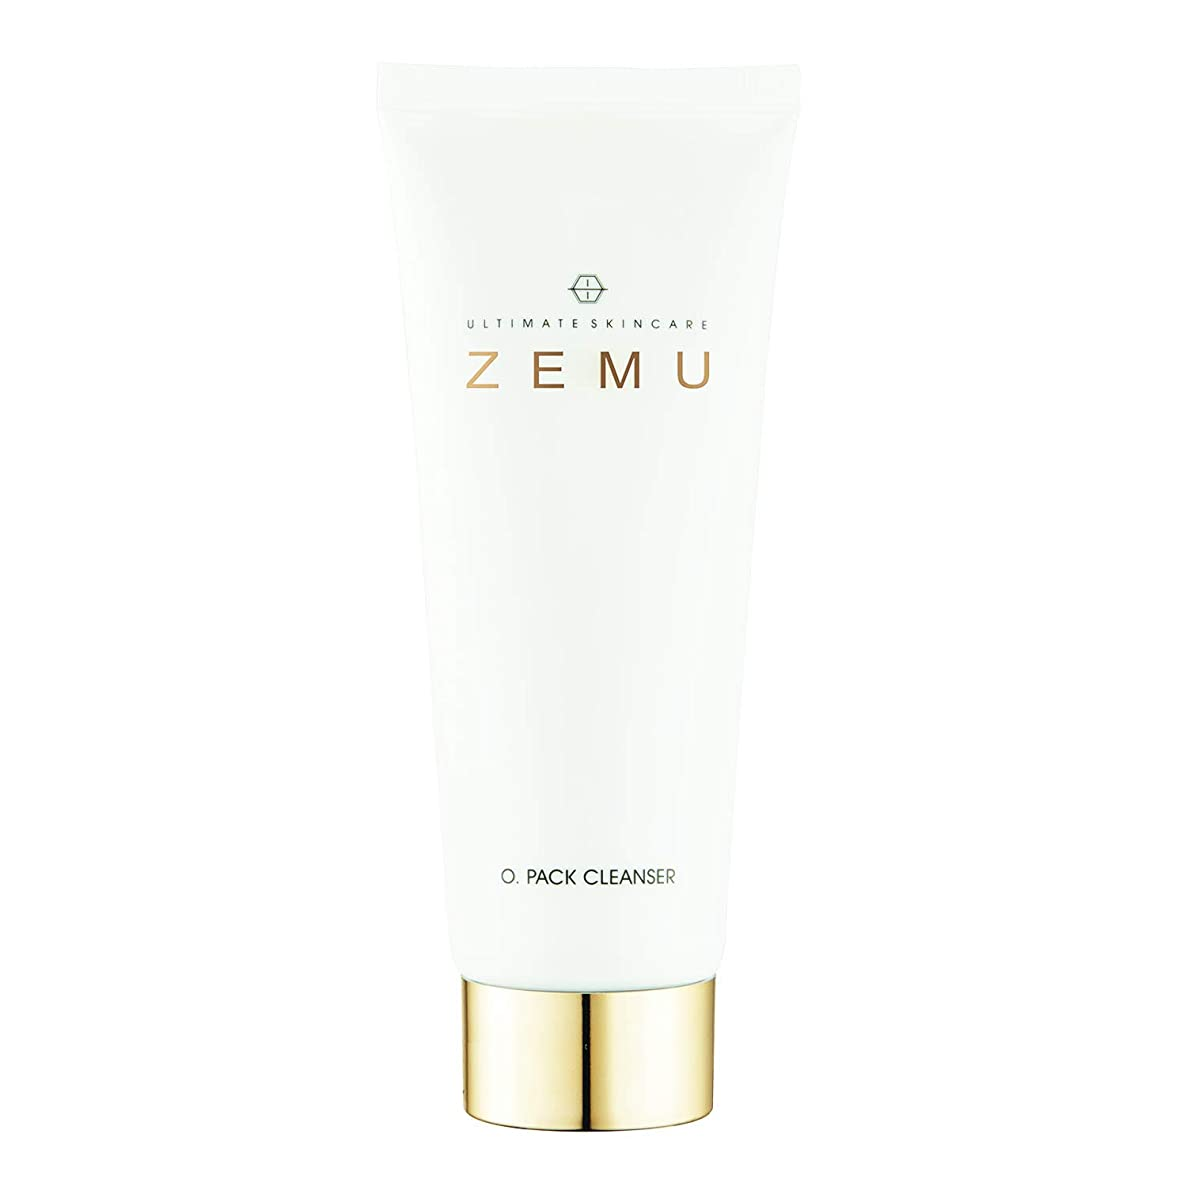 災難前件スプリットUltimate skincare ZEMU パックゴールドフェイシャルクレンジングフォーム3.38オズ